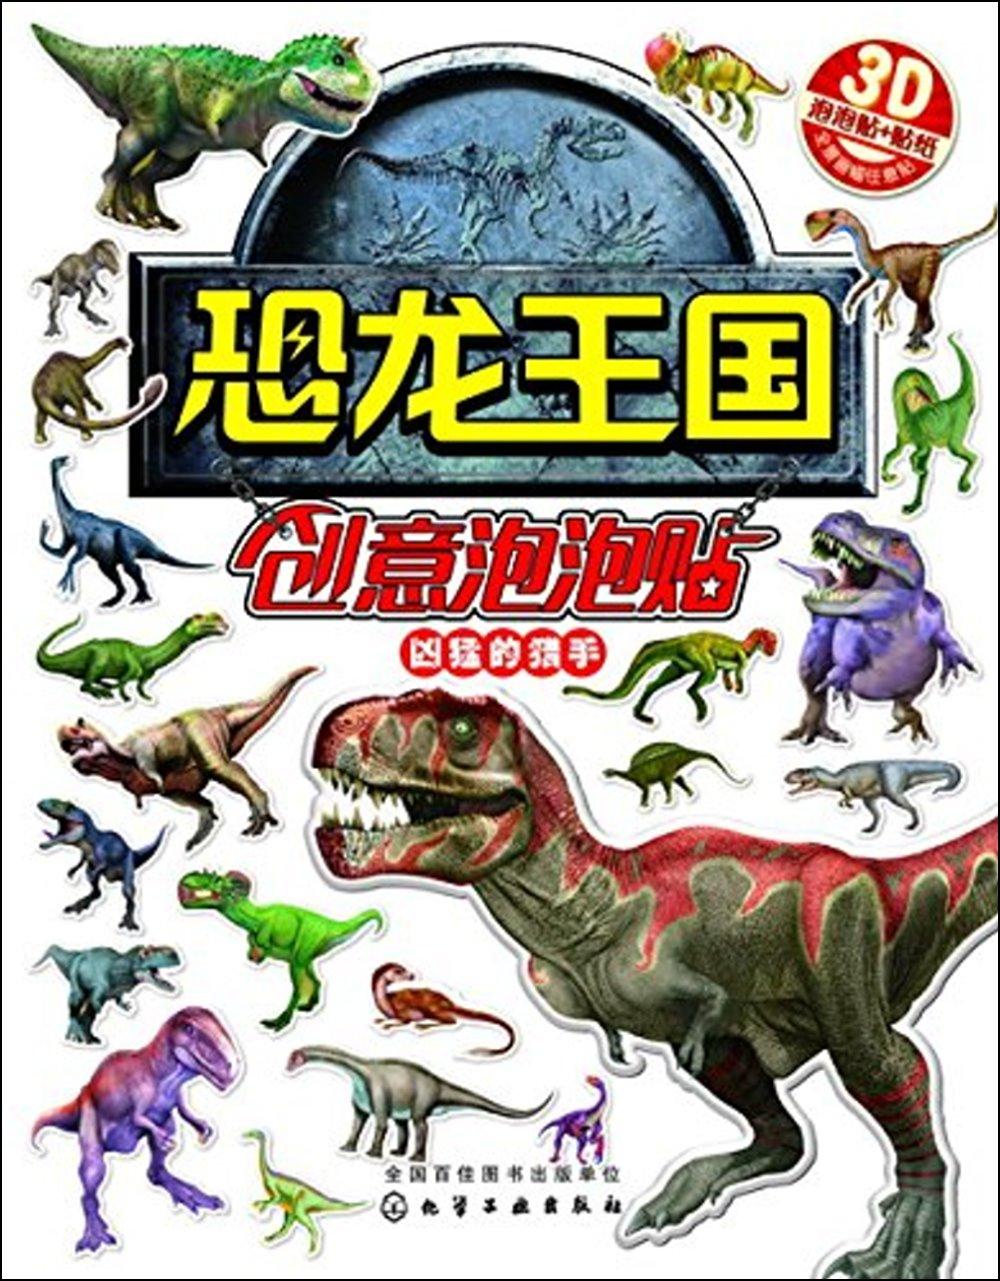 恐龍王國 泡泡貼:凶猛的獵手